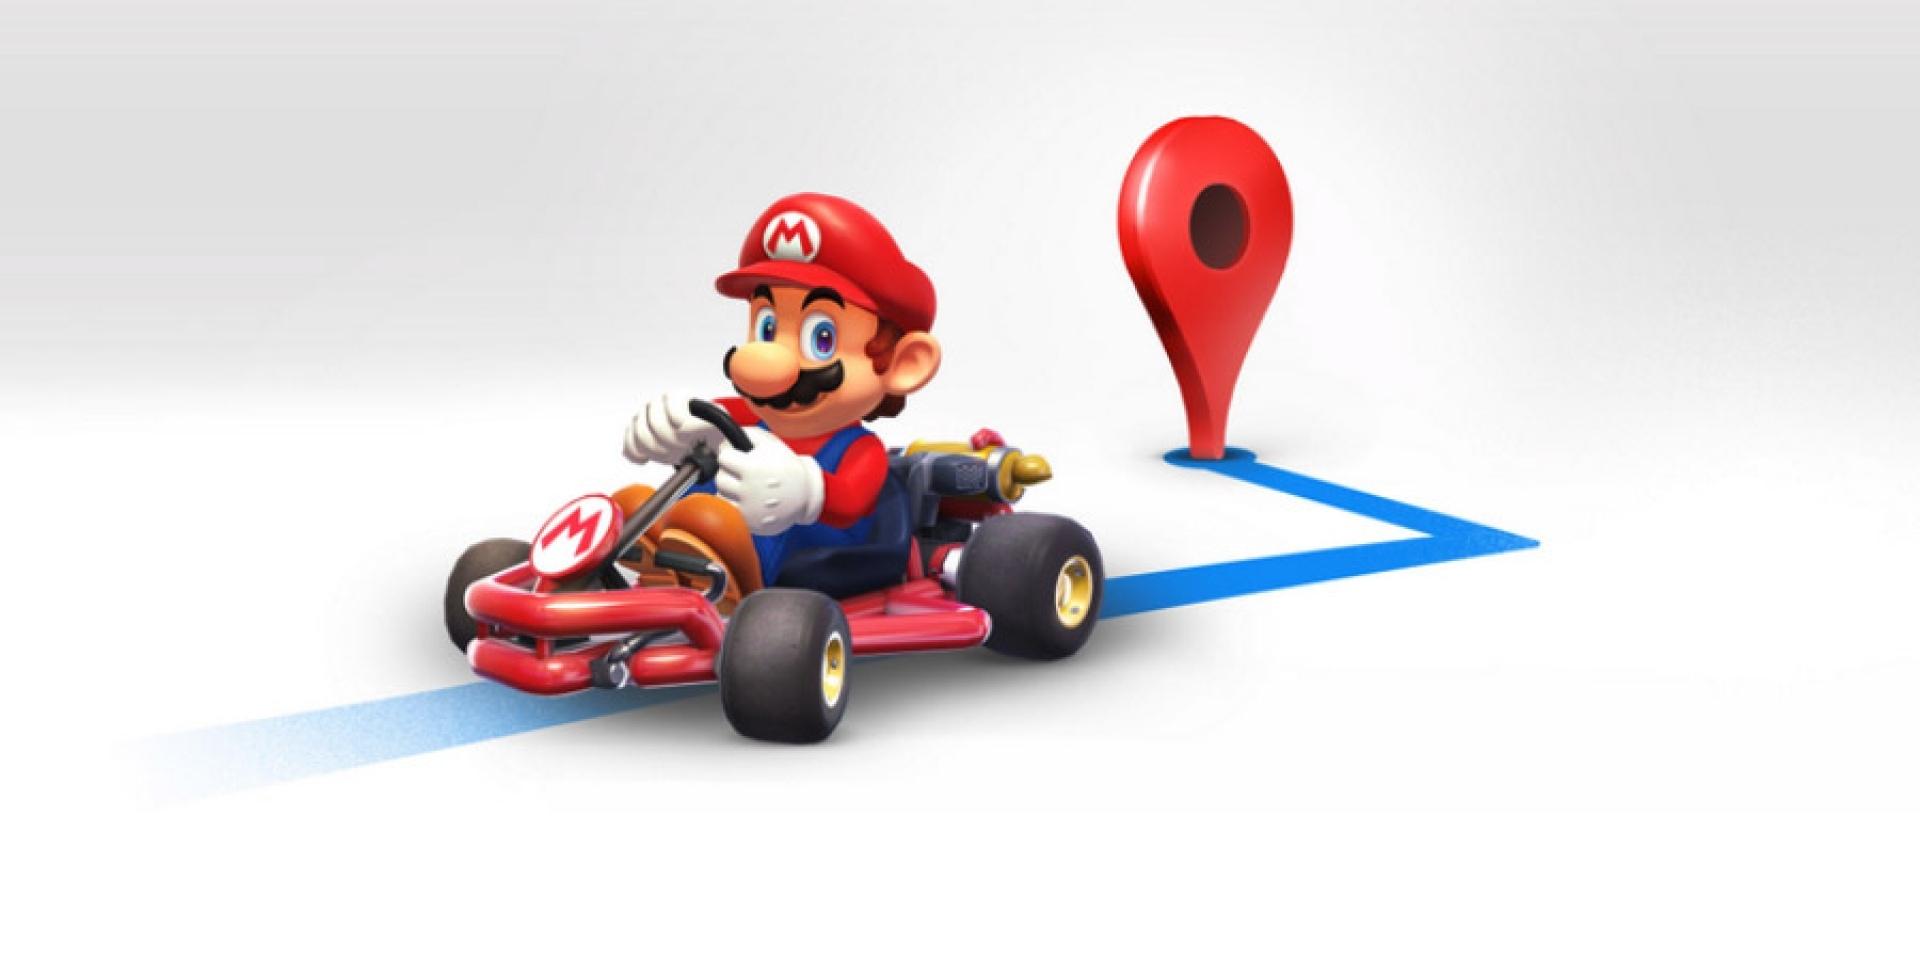 讓馬力歐陪你一起出遊去,GOOGLE MAP馬力歐賽車彩蛋